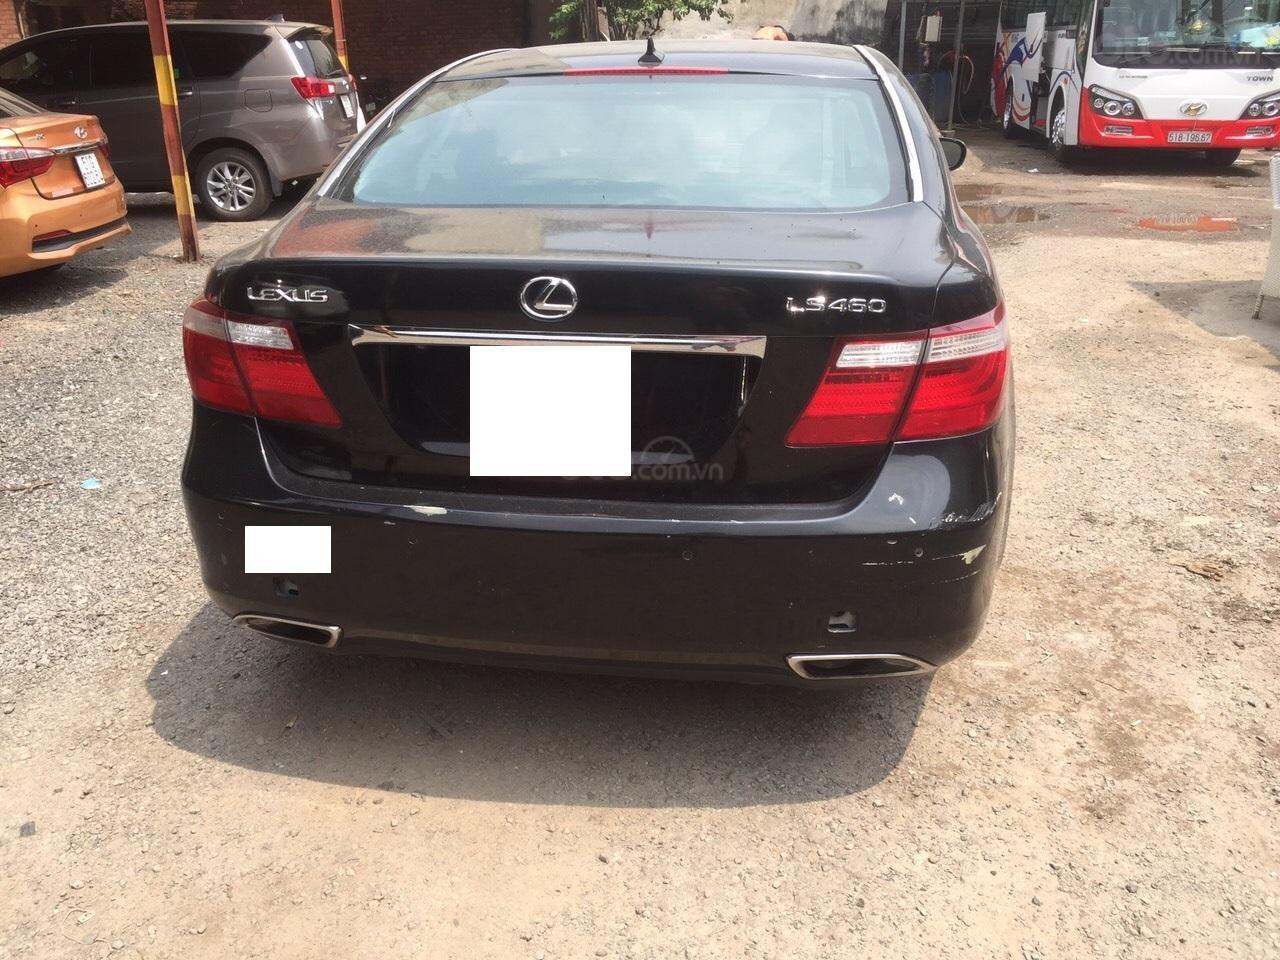 Bán ô tô Lexus LS460 đời 2010, màu đen, nhập khẩu nguyên chiếc, giá chỉ 400 triệu (4)